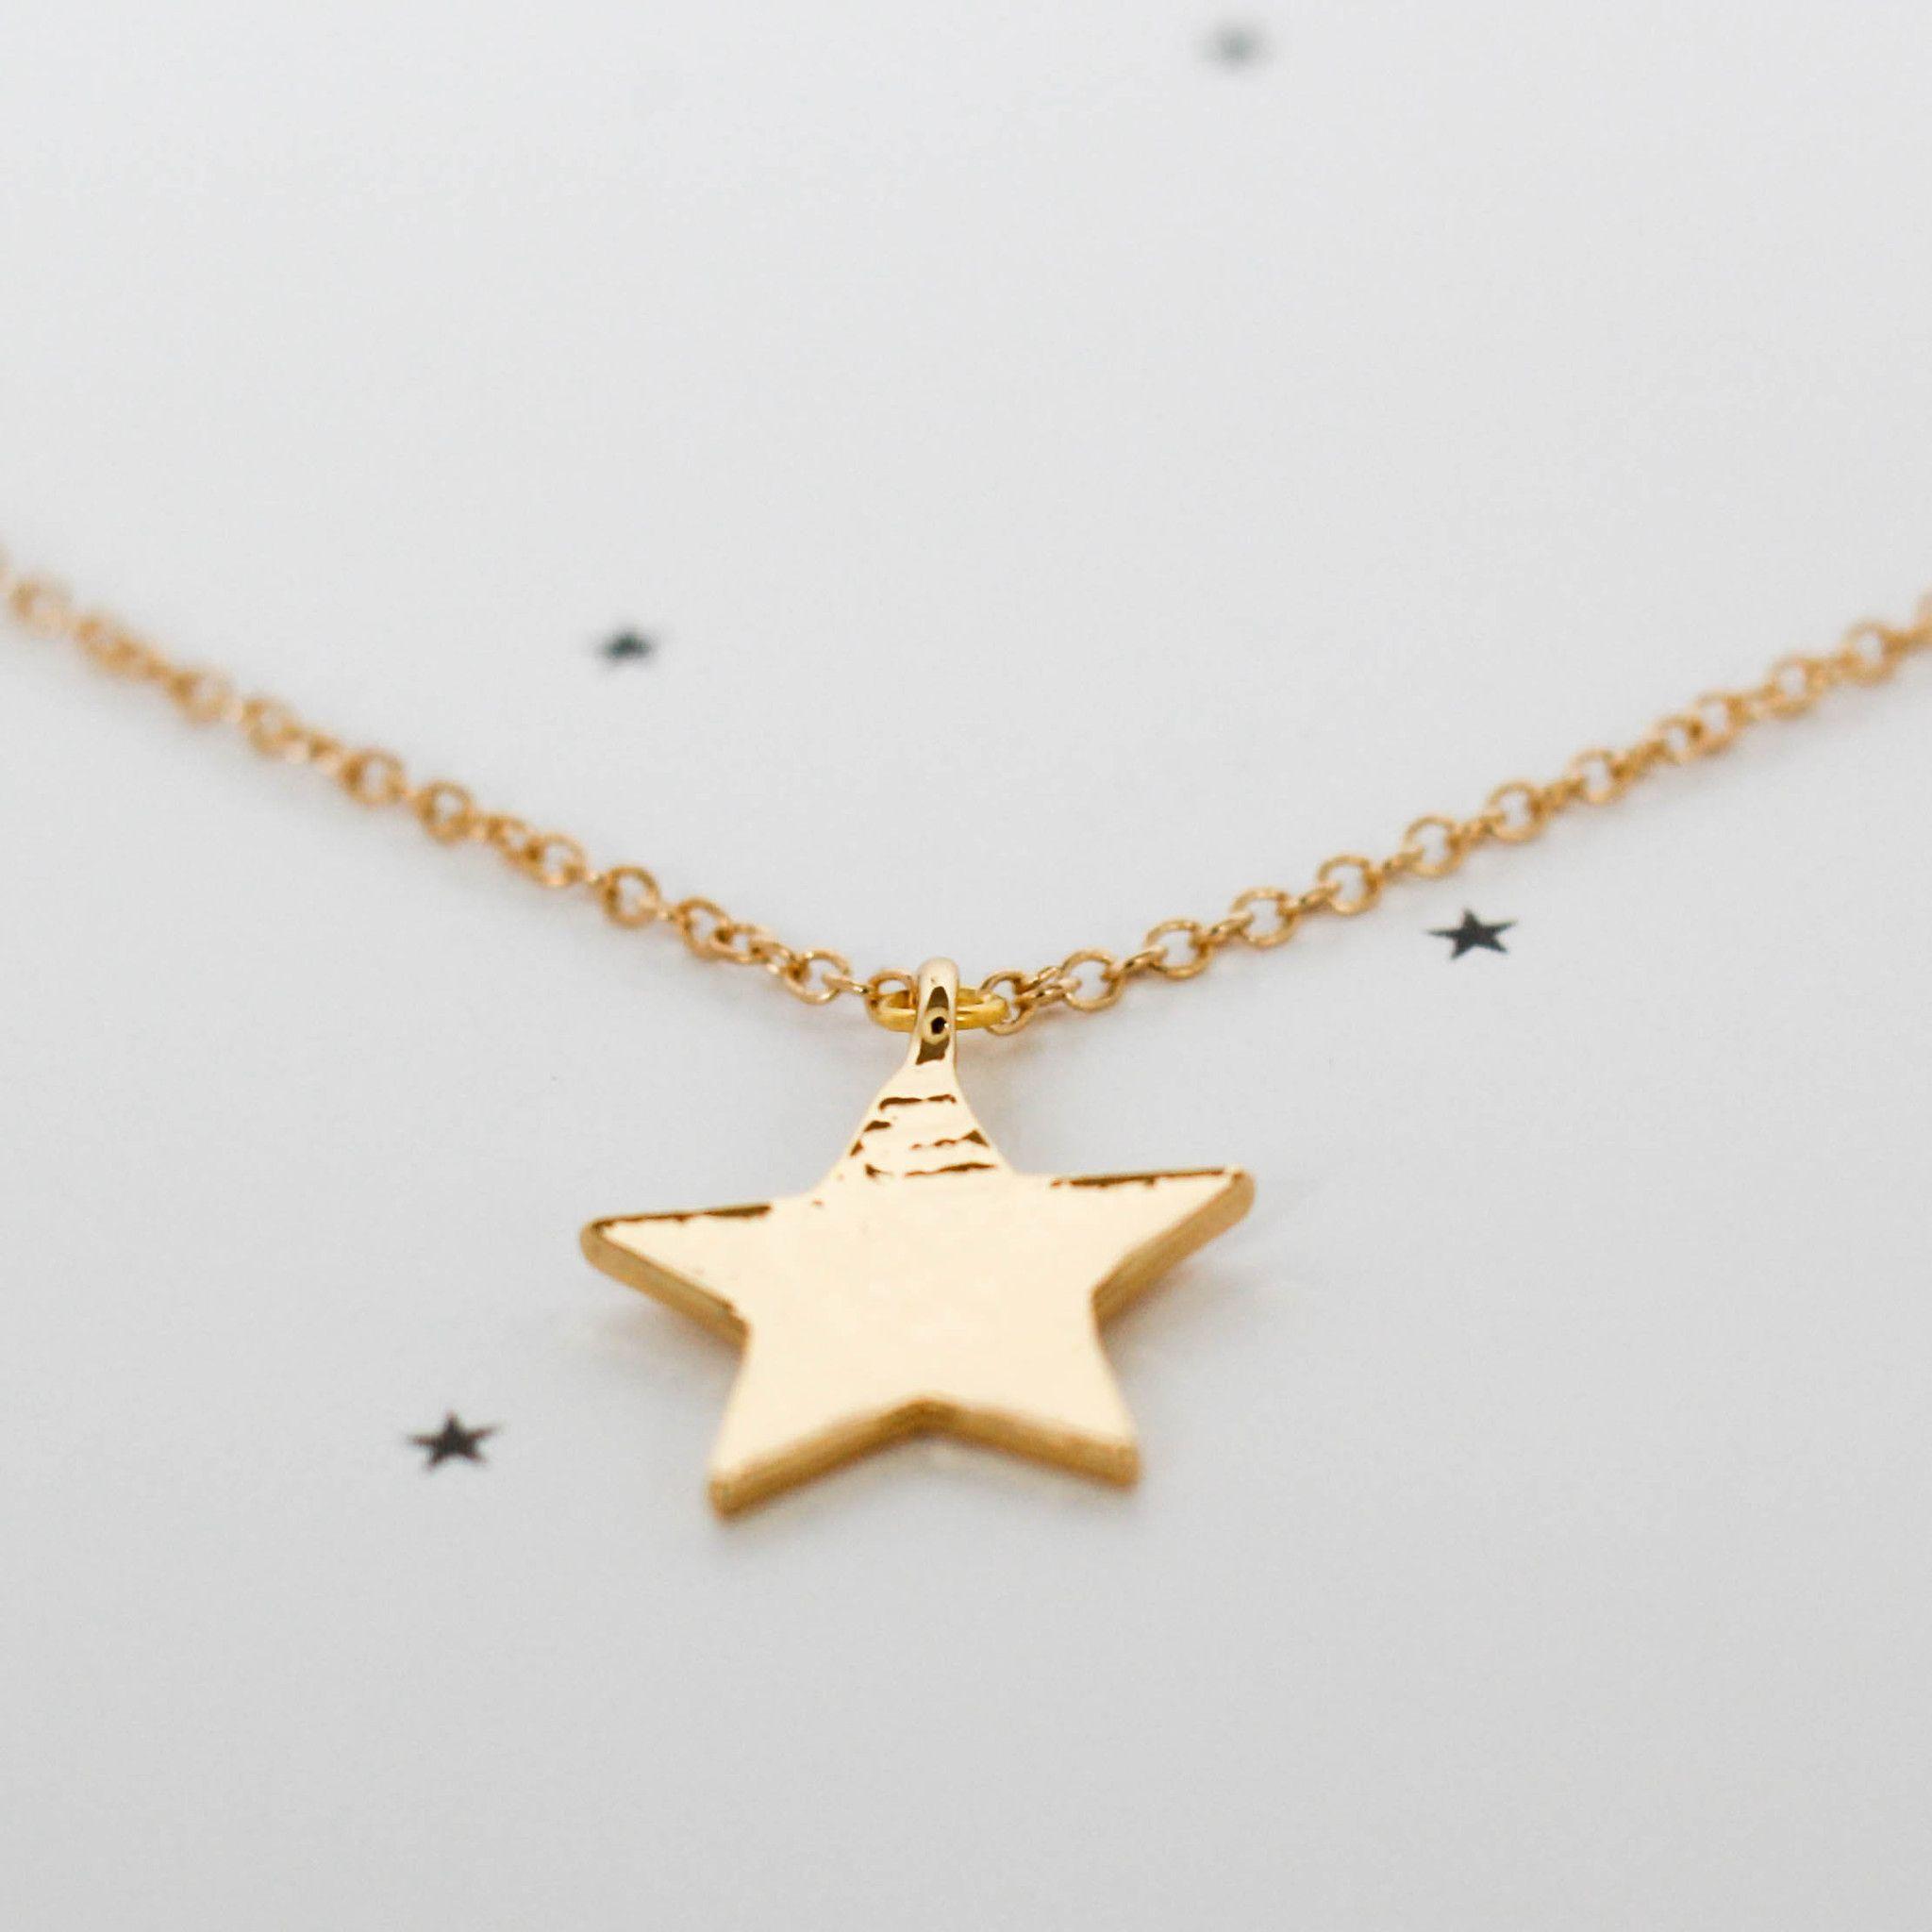 d43c0ab71a4a  collar  estrella  star  necklace  regalos  originales  niñas  infantil  oro   cadena  colgante  adolescente  bisuteria  dorado